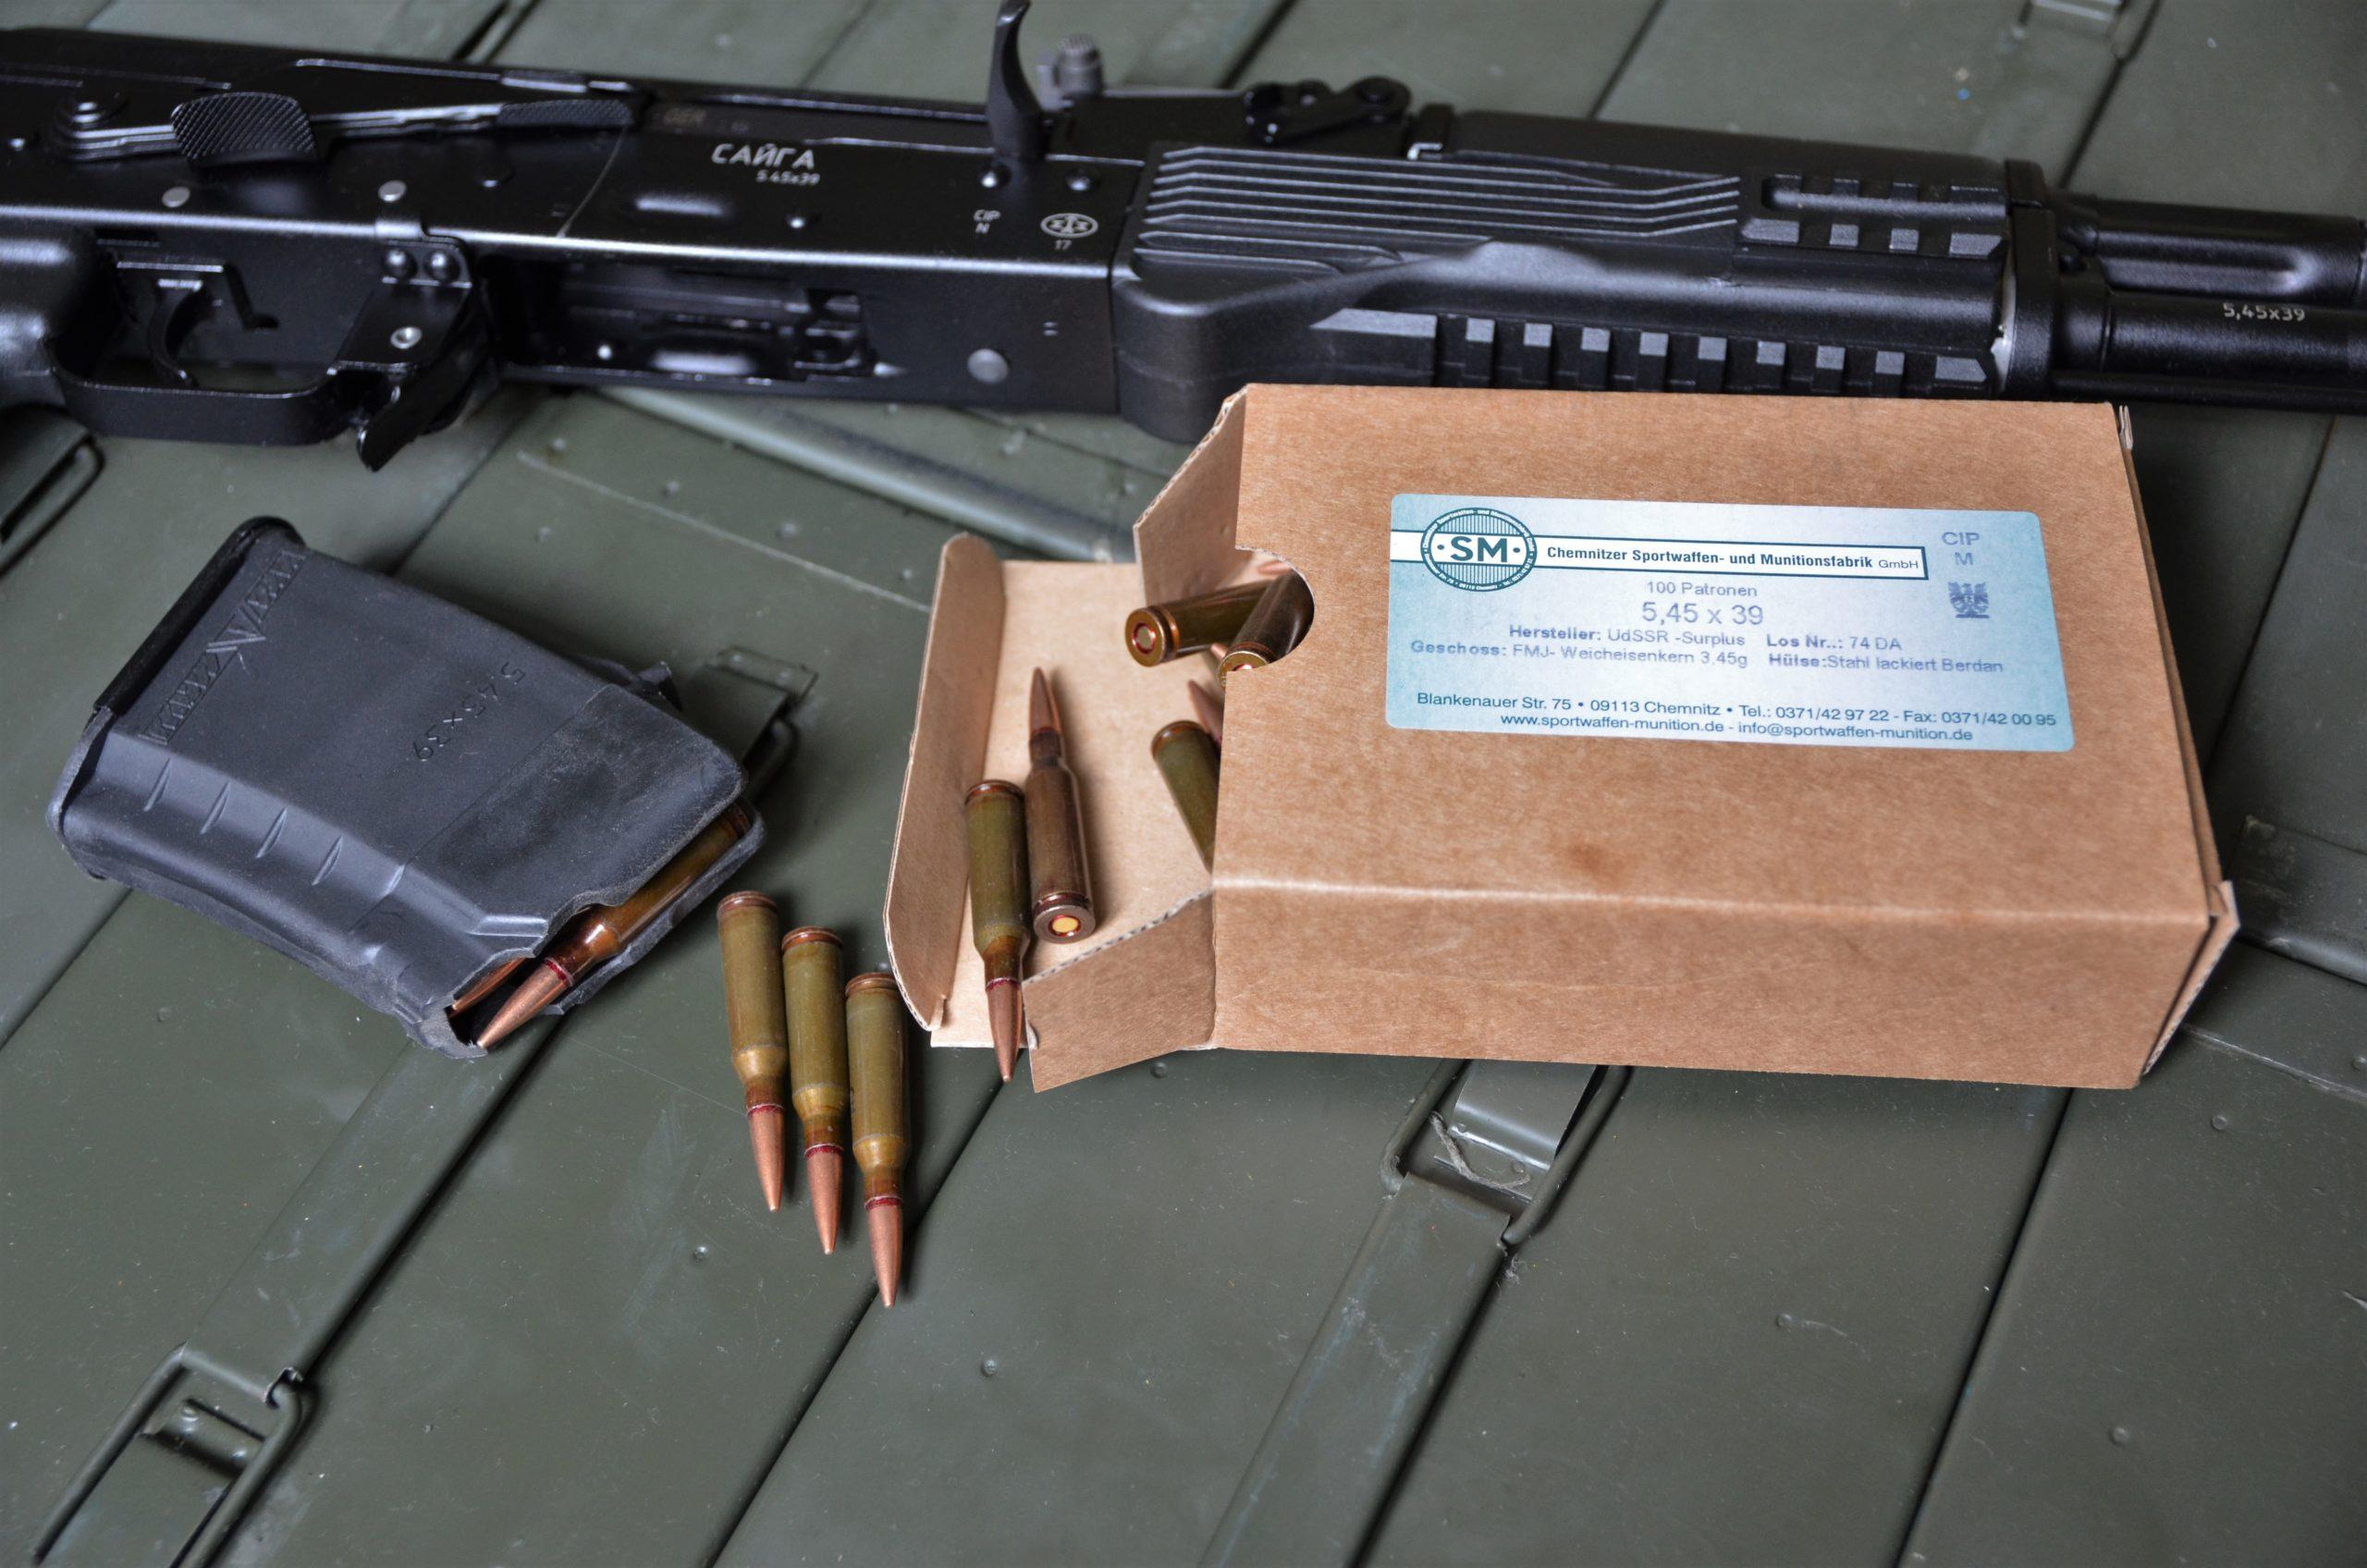 5.45 x 39 M74 Surplus UdSSR 3.45 g FMJ - 100 Schuss Büchsenpatronen